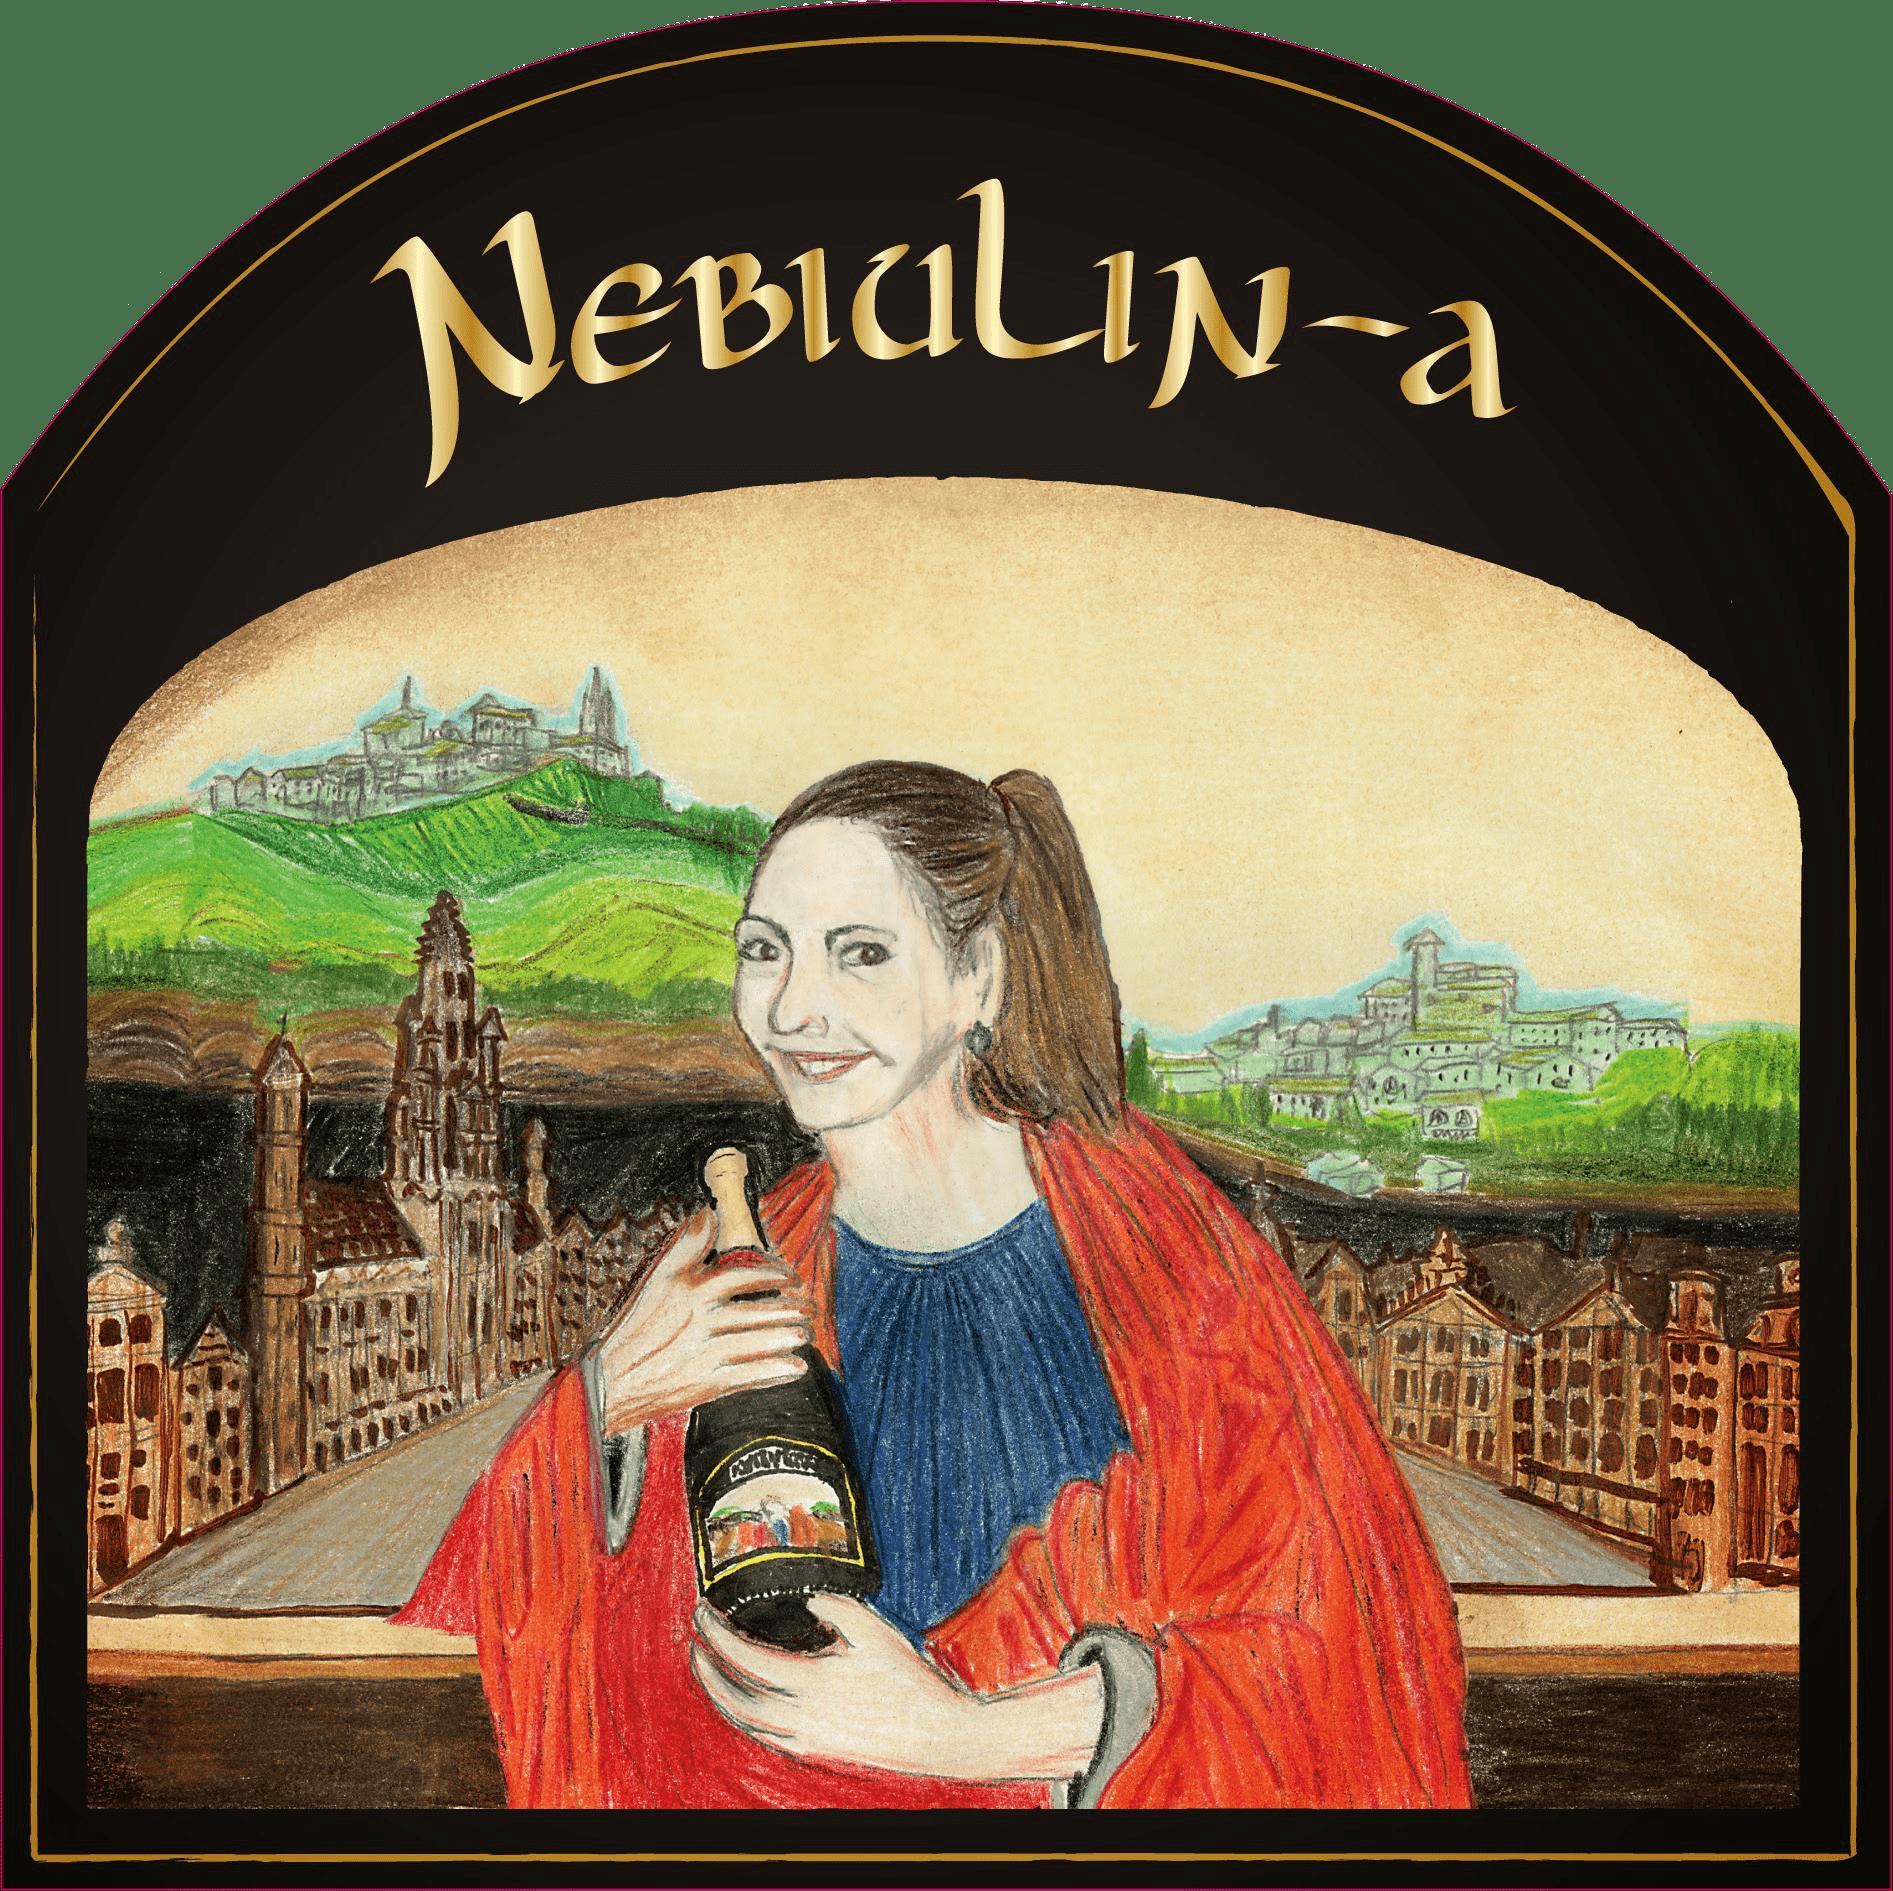 Nebiulin-a